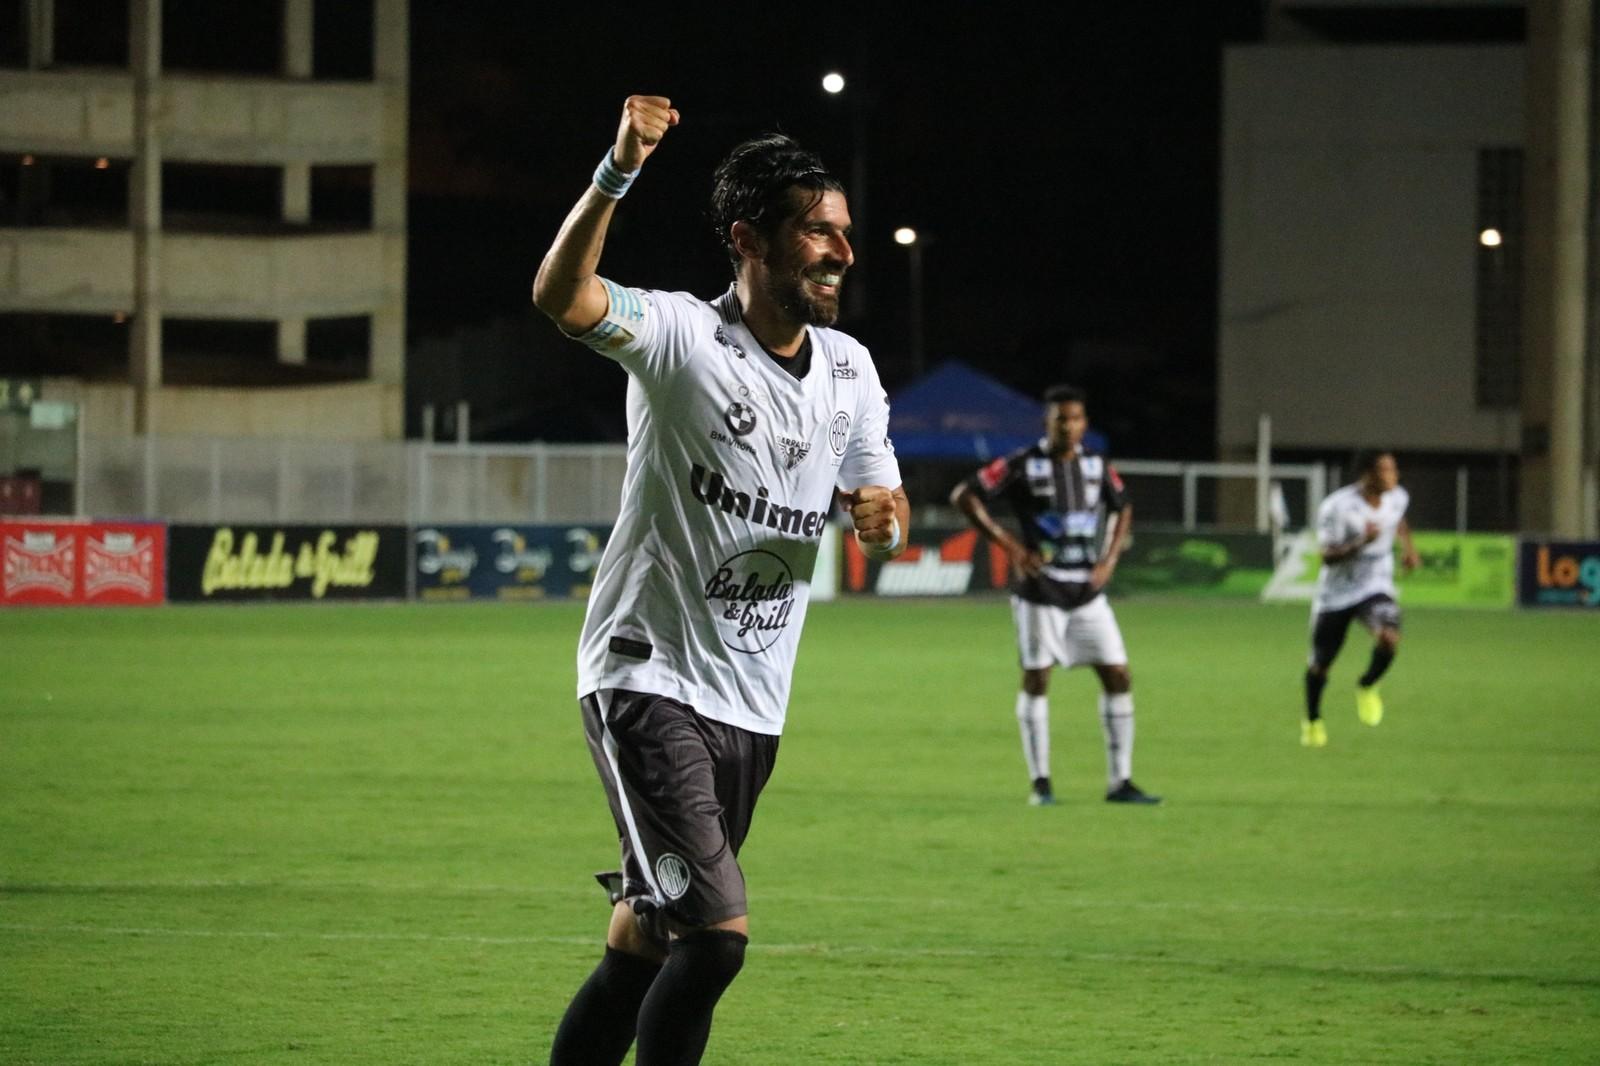 Com hat-trick de Loco Abreu, Rio Branco-ES massacra o Castelo e se garante no G-4 do Capixaba